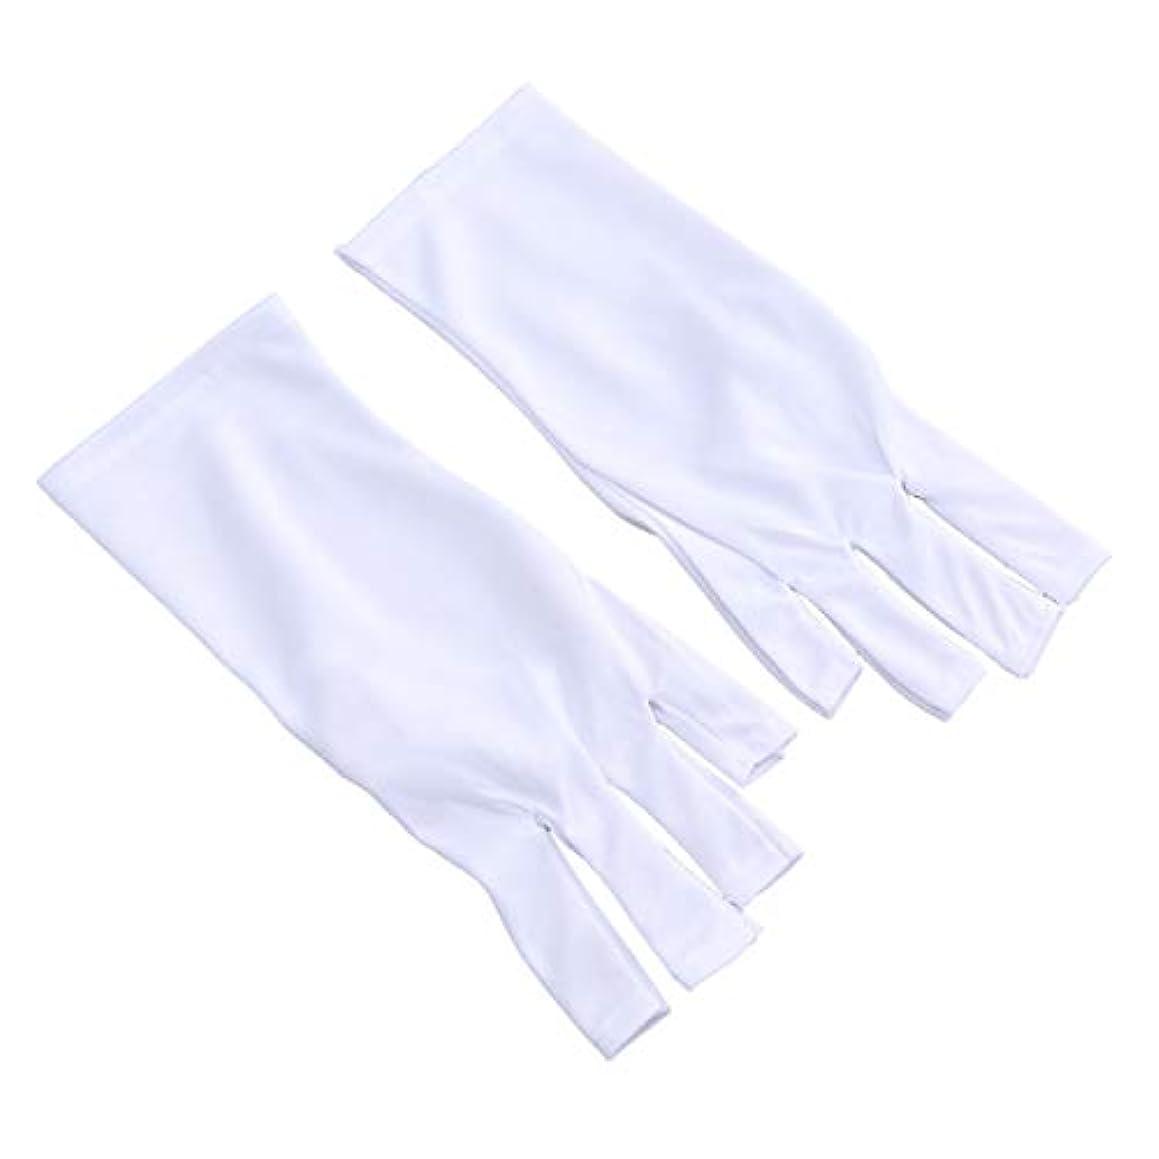 また貪欲モトリーFrcolor 抗uv手袋 ネイル 手袋 ネイルアート グローブ ジェルネイル用 紫外線防止 マニキュアドライヤーツール 2ペア(25cm ショートホワイトUVグローブ)